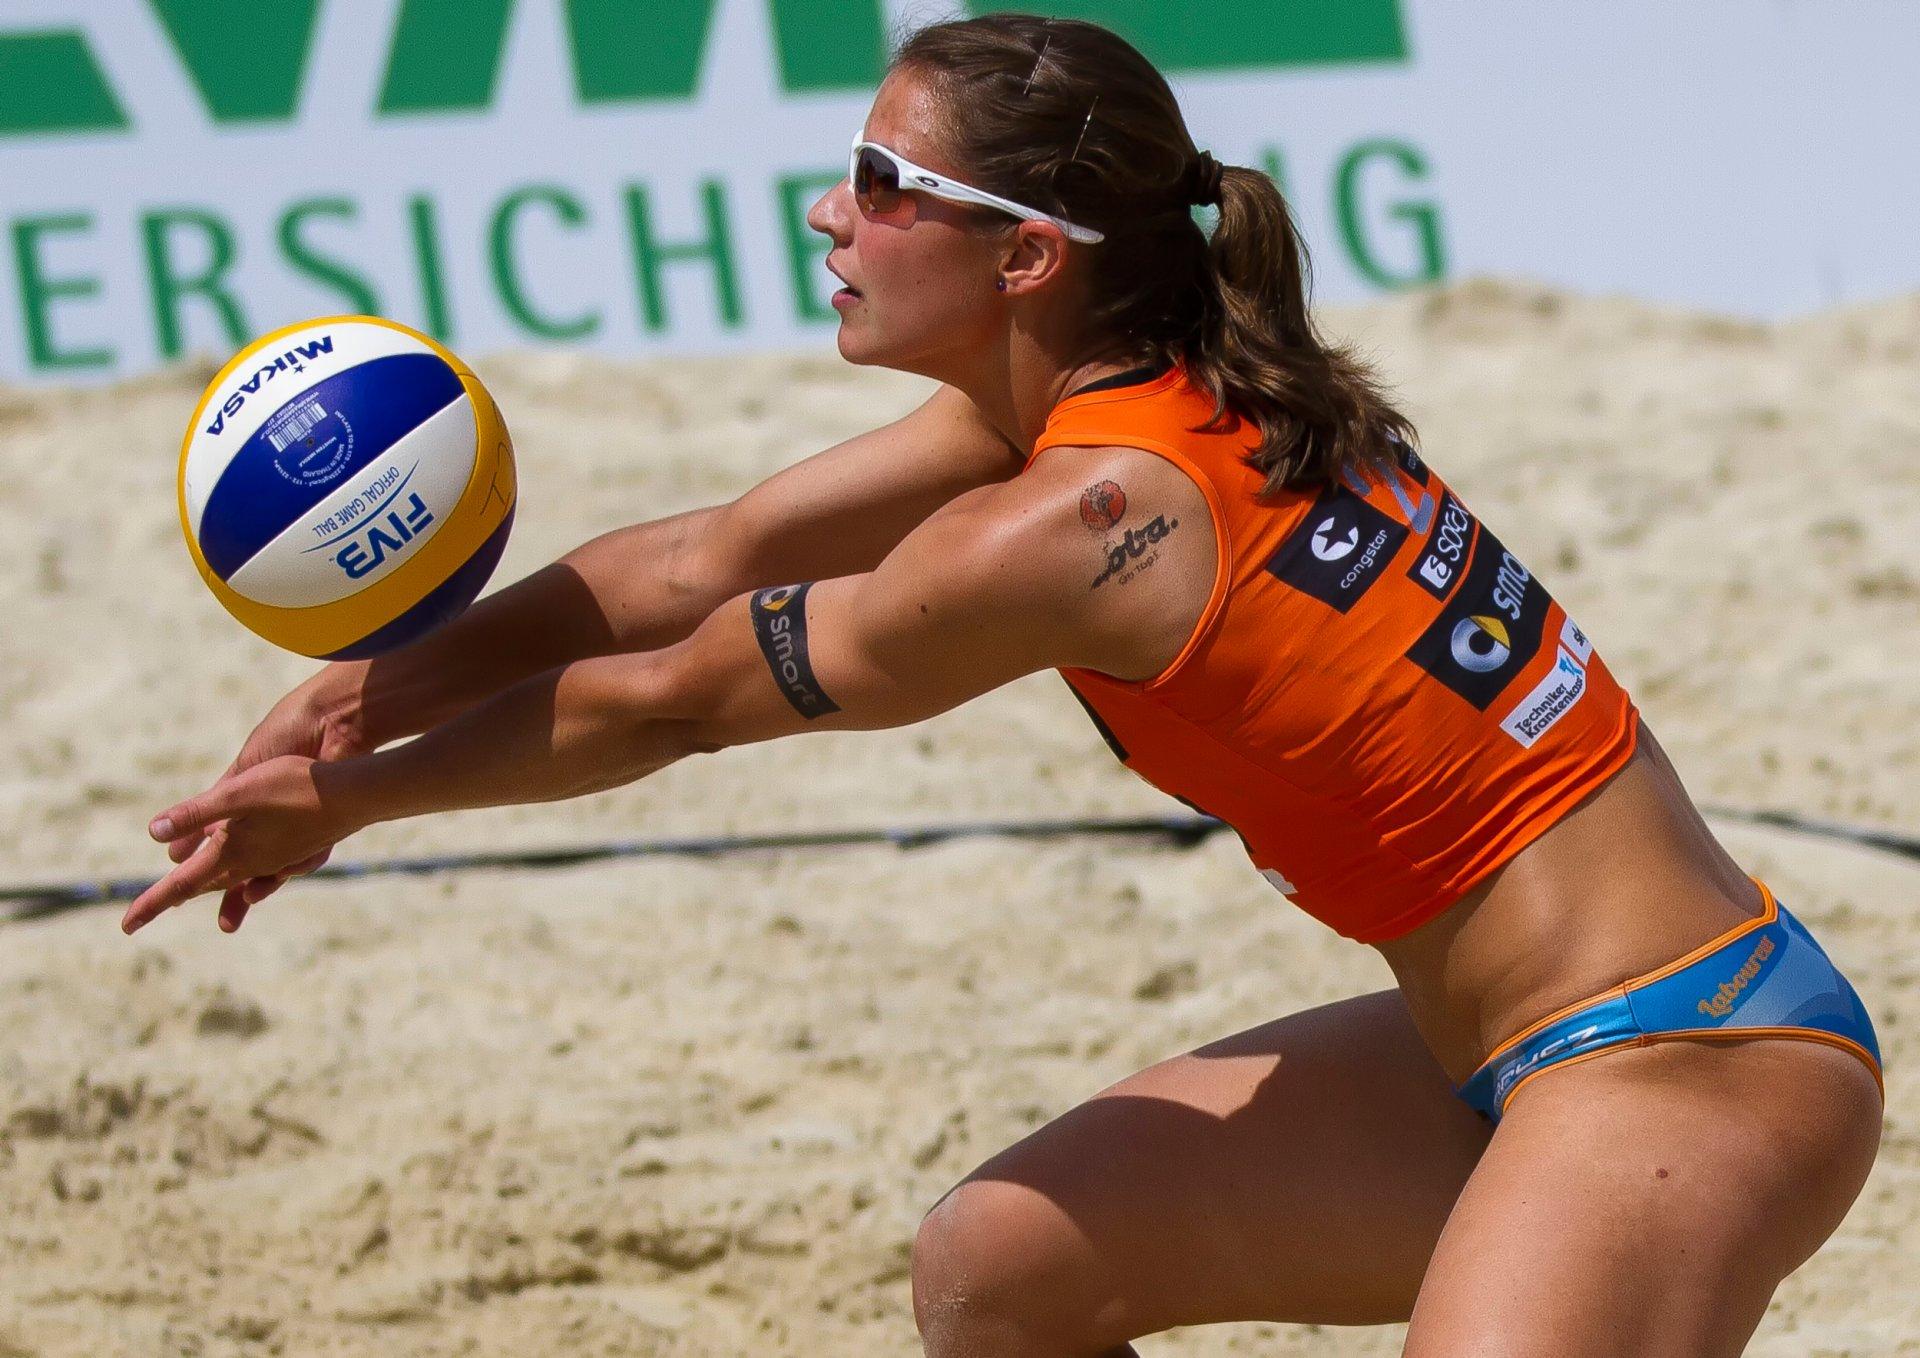 Телка на волейболе, Девчонки устроили обнаженный волейбол на пляже 26 фотография